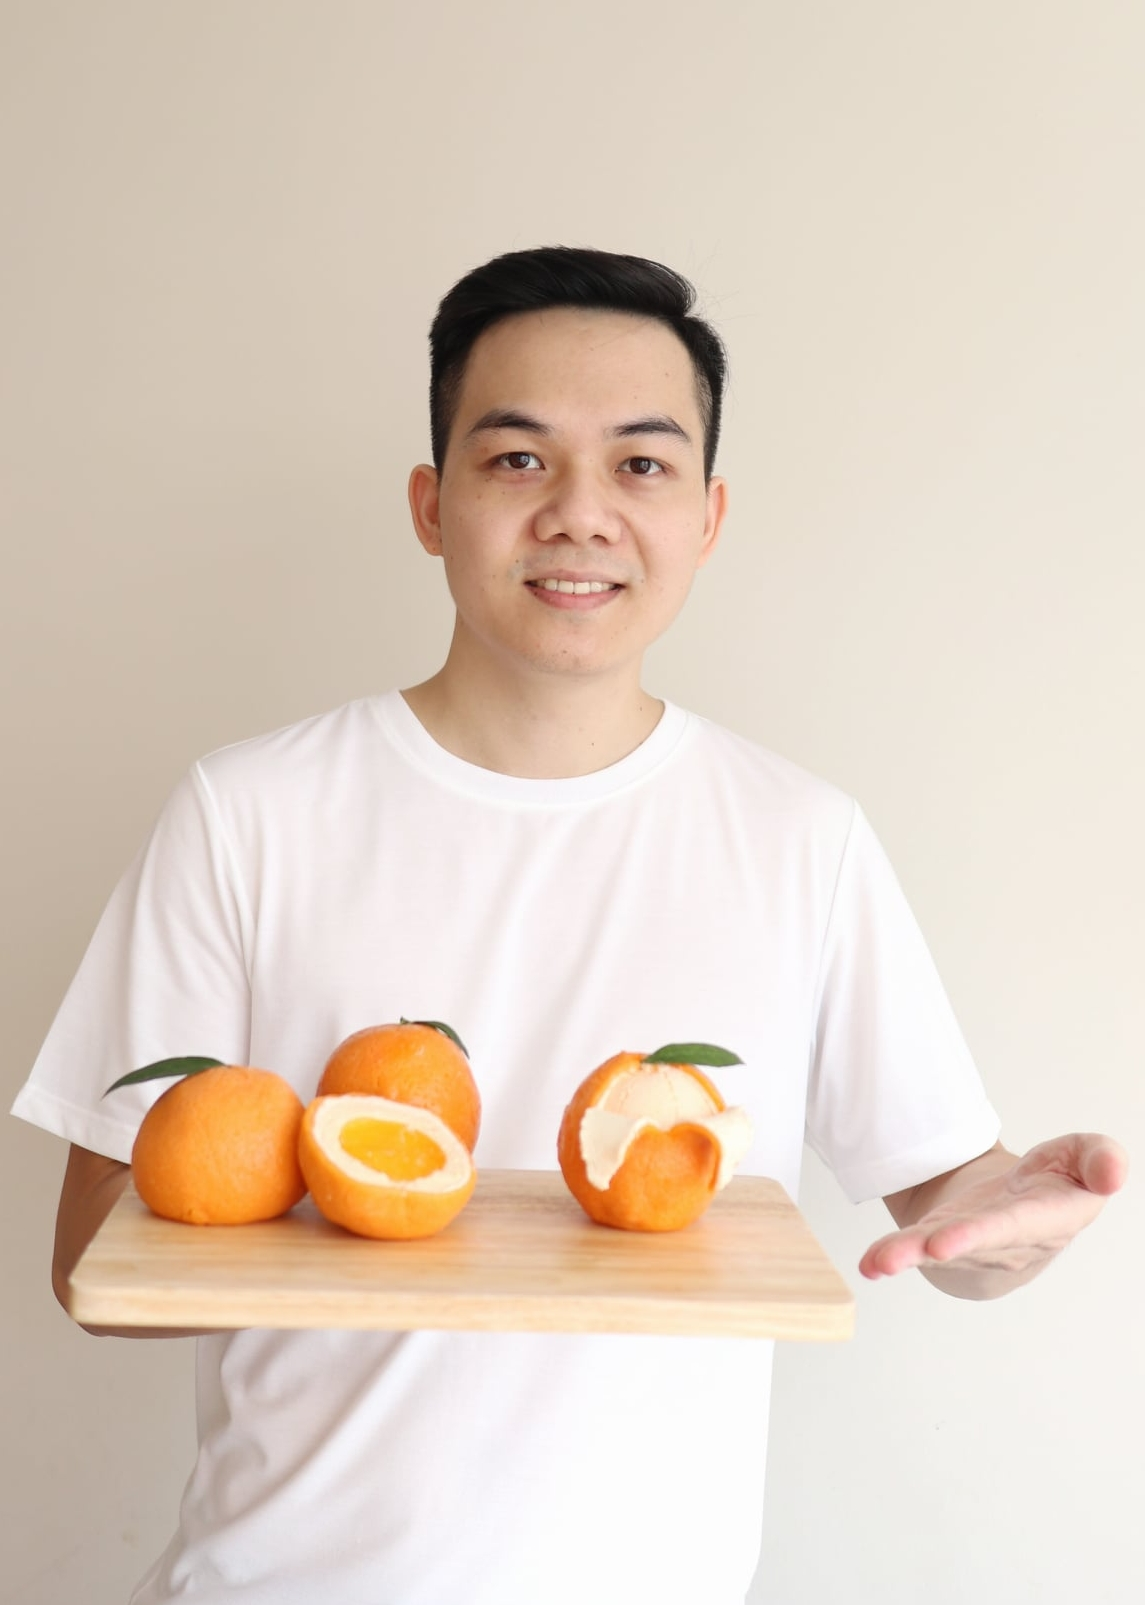 """Cũng là cam nhưng không phải bánh bao, bố đảm Hà Nội trổ tài làm món phô mai thạch """"siêu thực"""" thơm ngon khó cưỡng - Ảnh 13."""